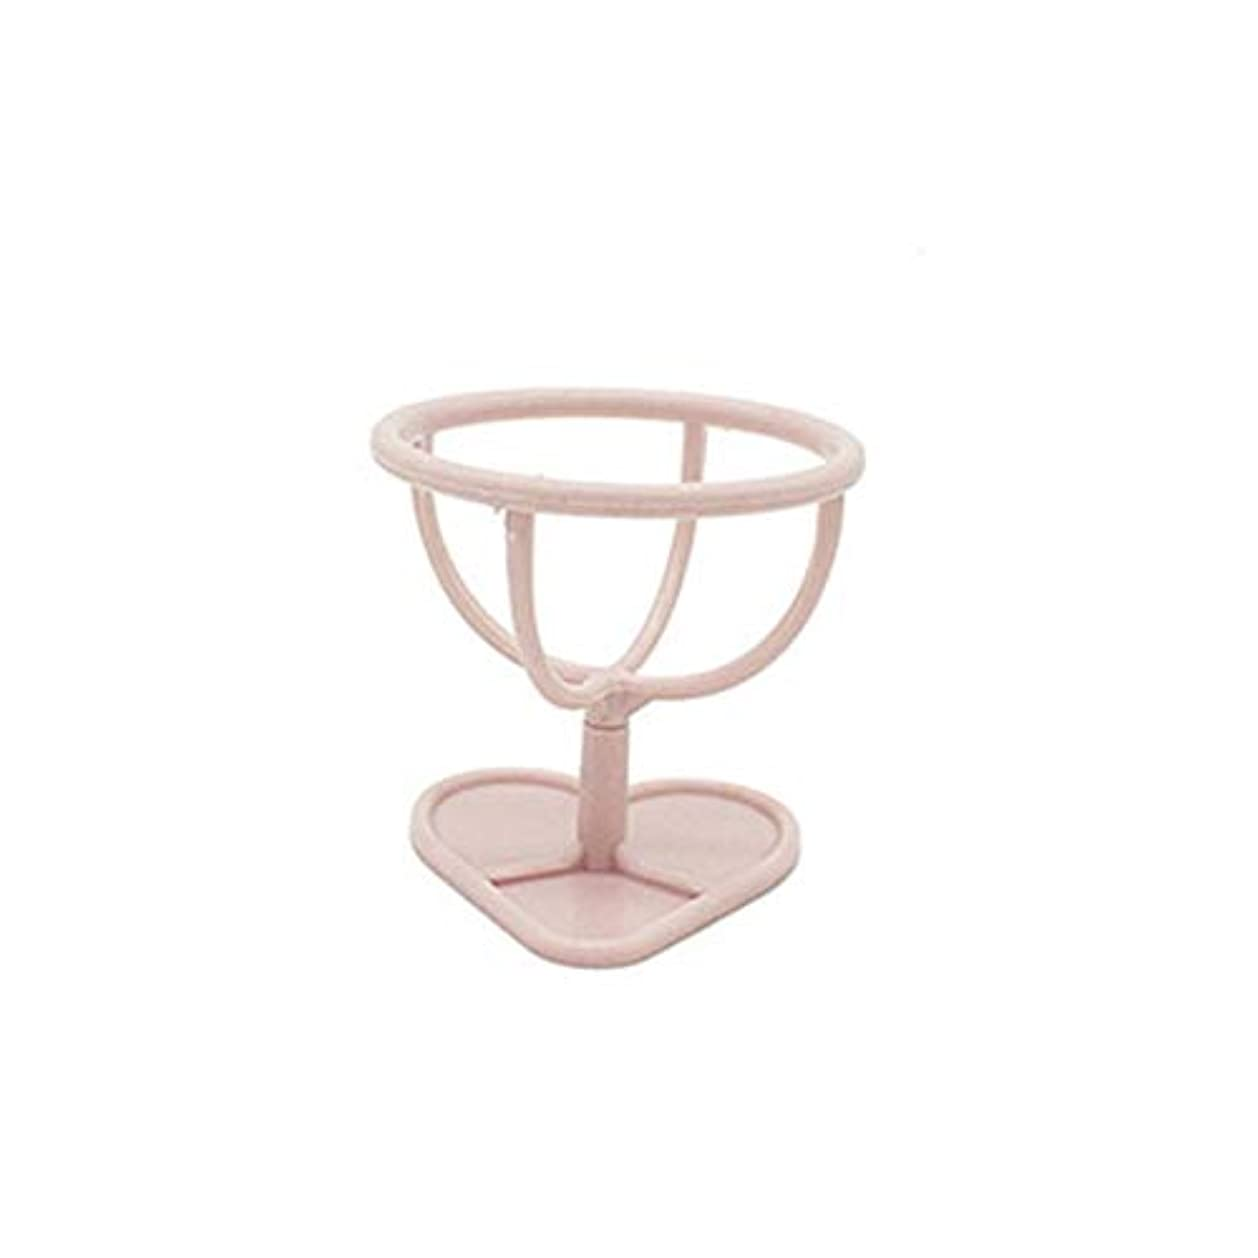 再撮り後退する出口パフ美容メイクスポンジホルダー化粧品スポンジスタンド卵粉パフ収納ラックドライヤー化粧オーガナイザー棚ツールキット(Color:pink)